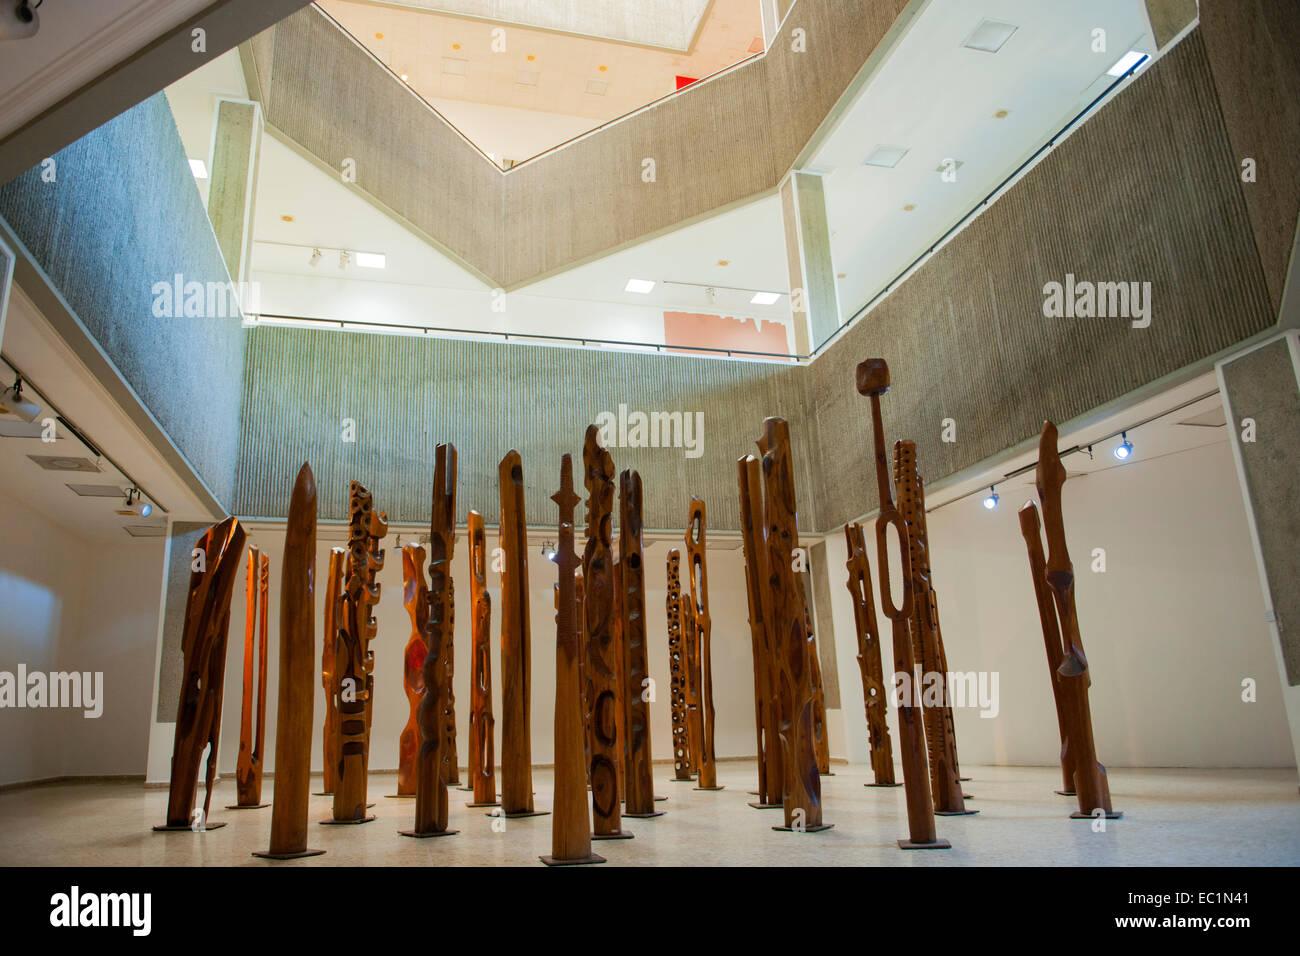 Dominikanische republik, santo domingo, Parque de la cultura, il museo de arte moderno Immagini Stock